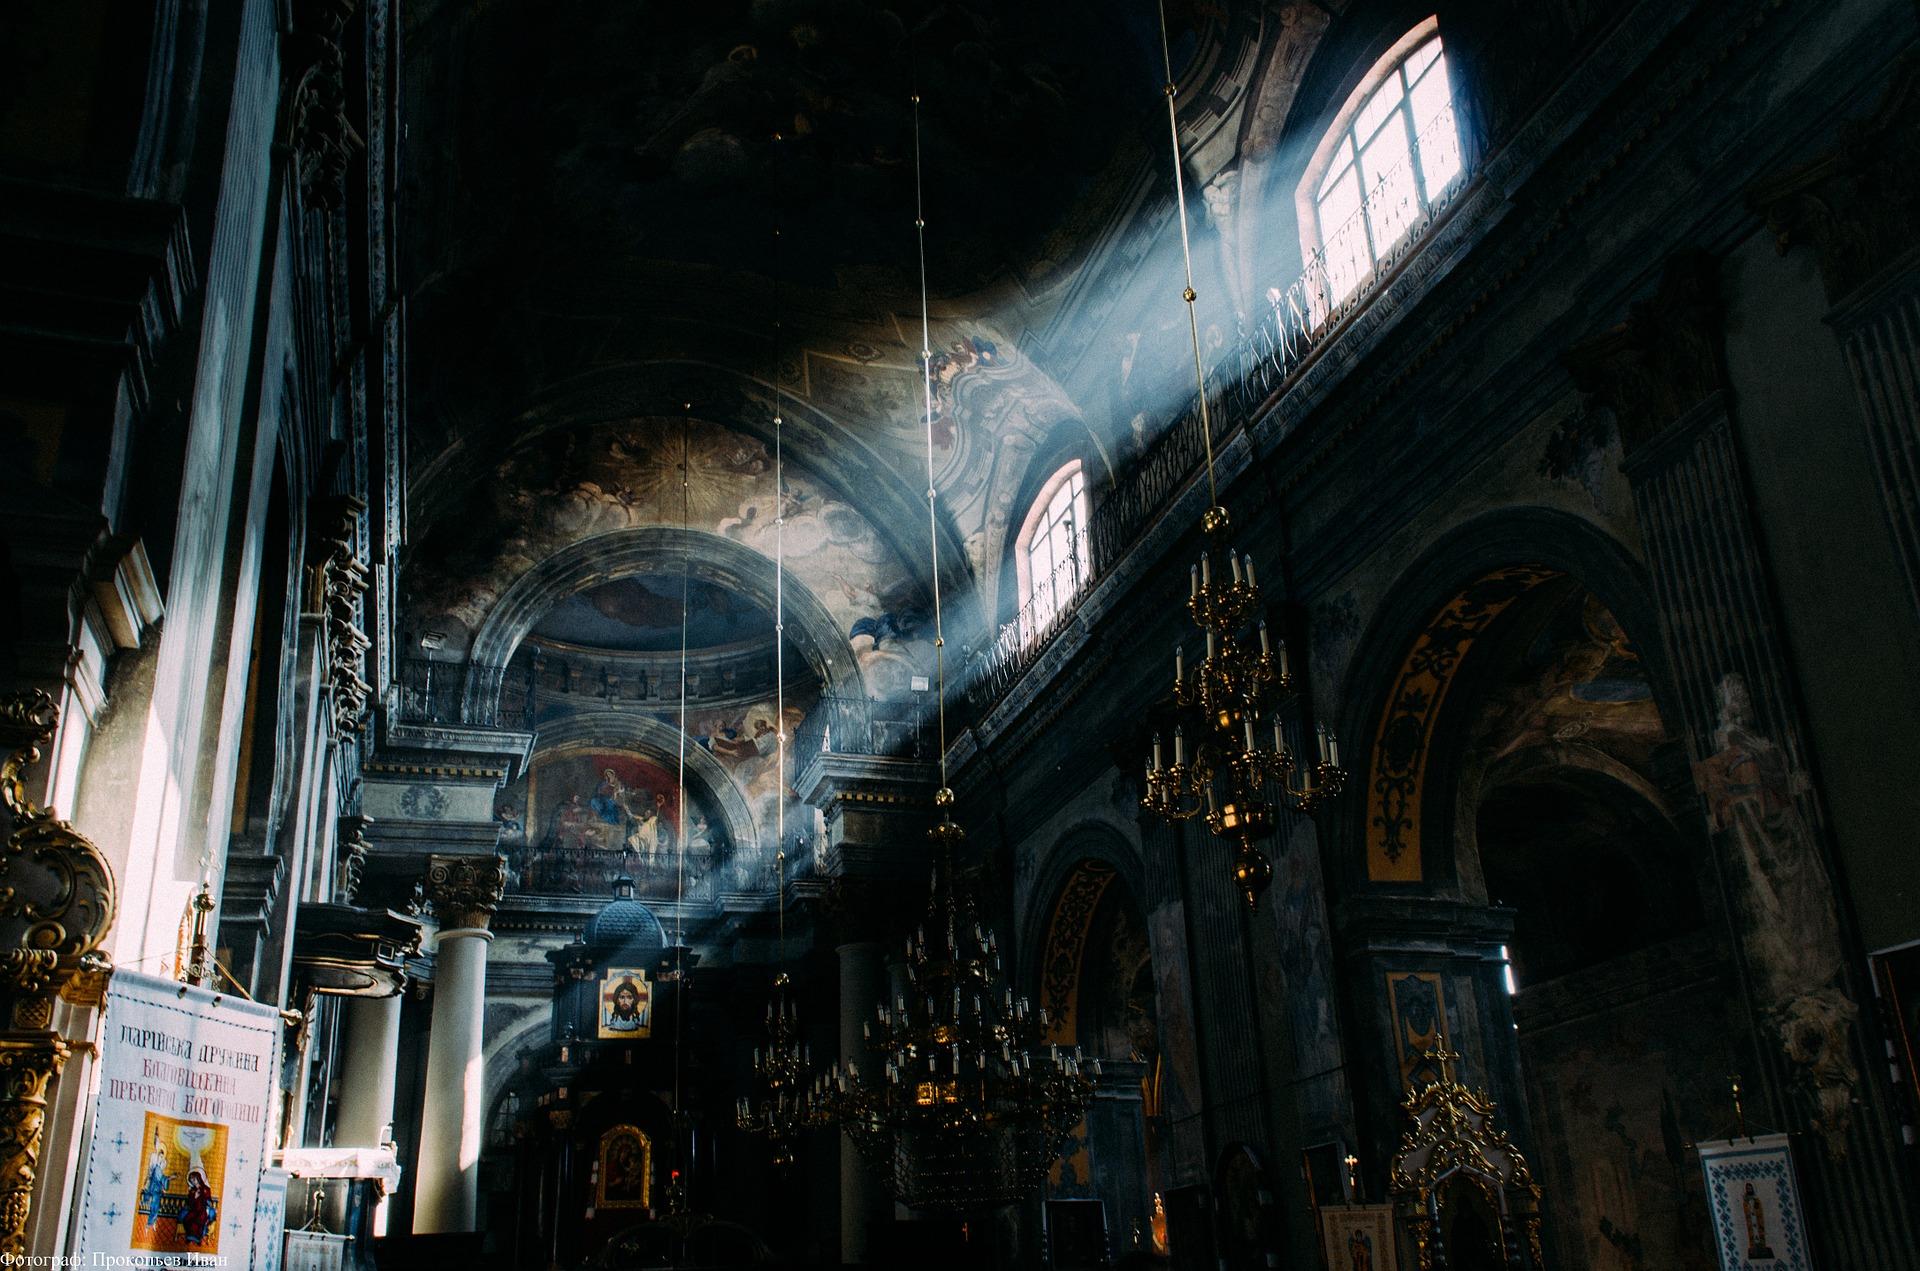 Львівські підземелля, куди можна потрапити без екскурсії